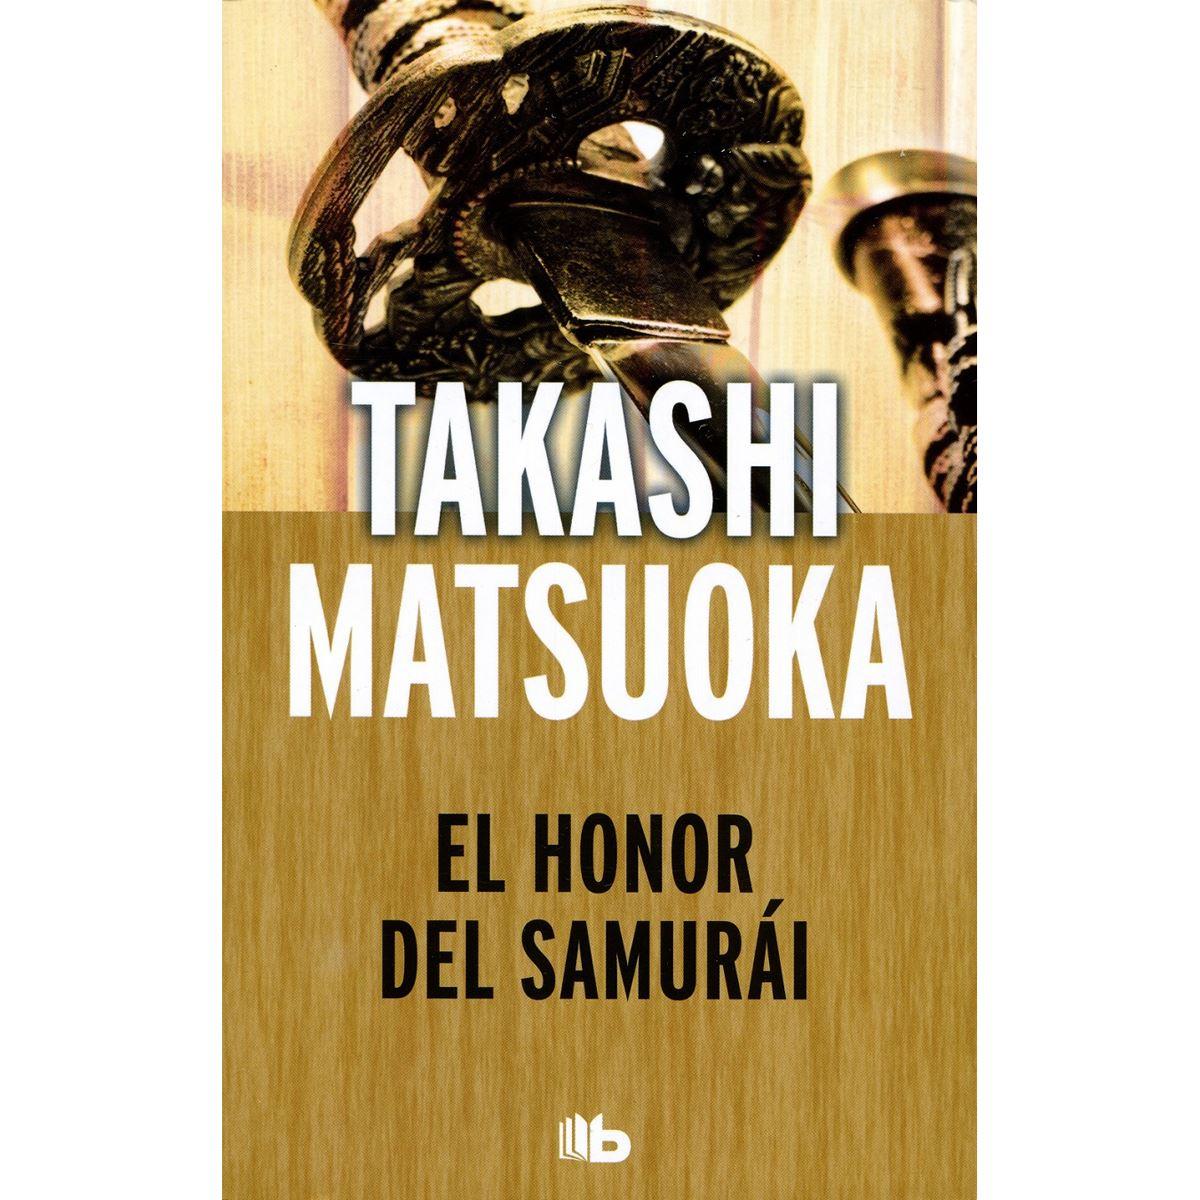 El Honor del Samurâi